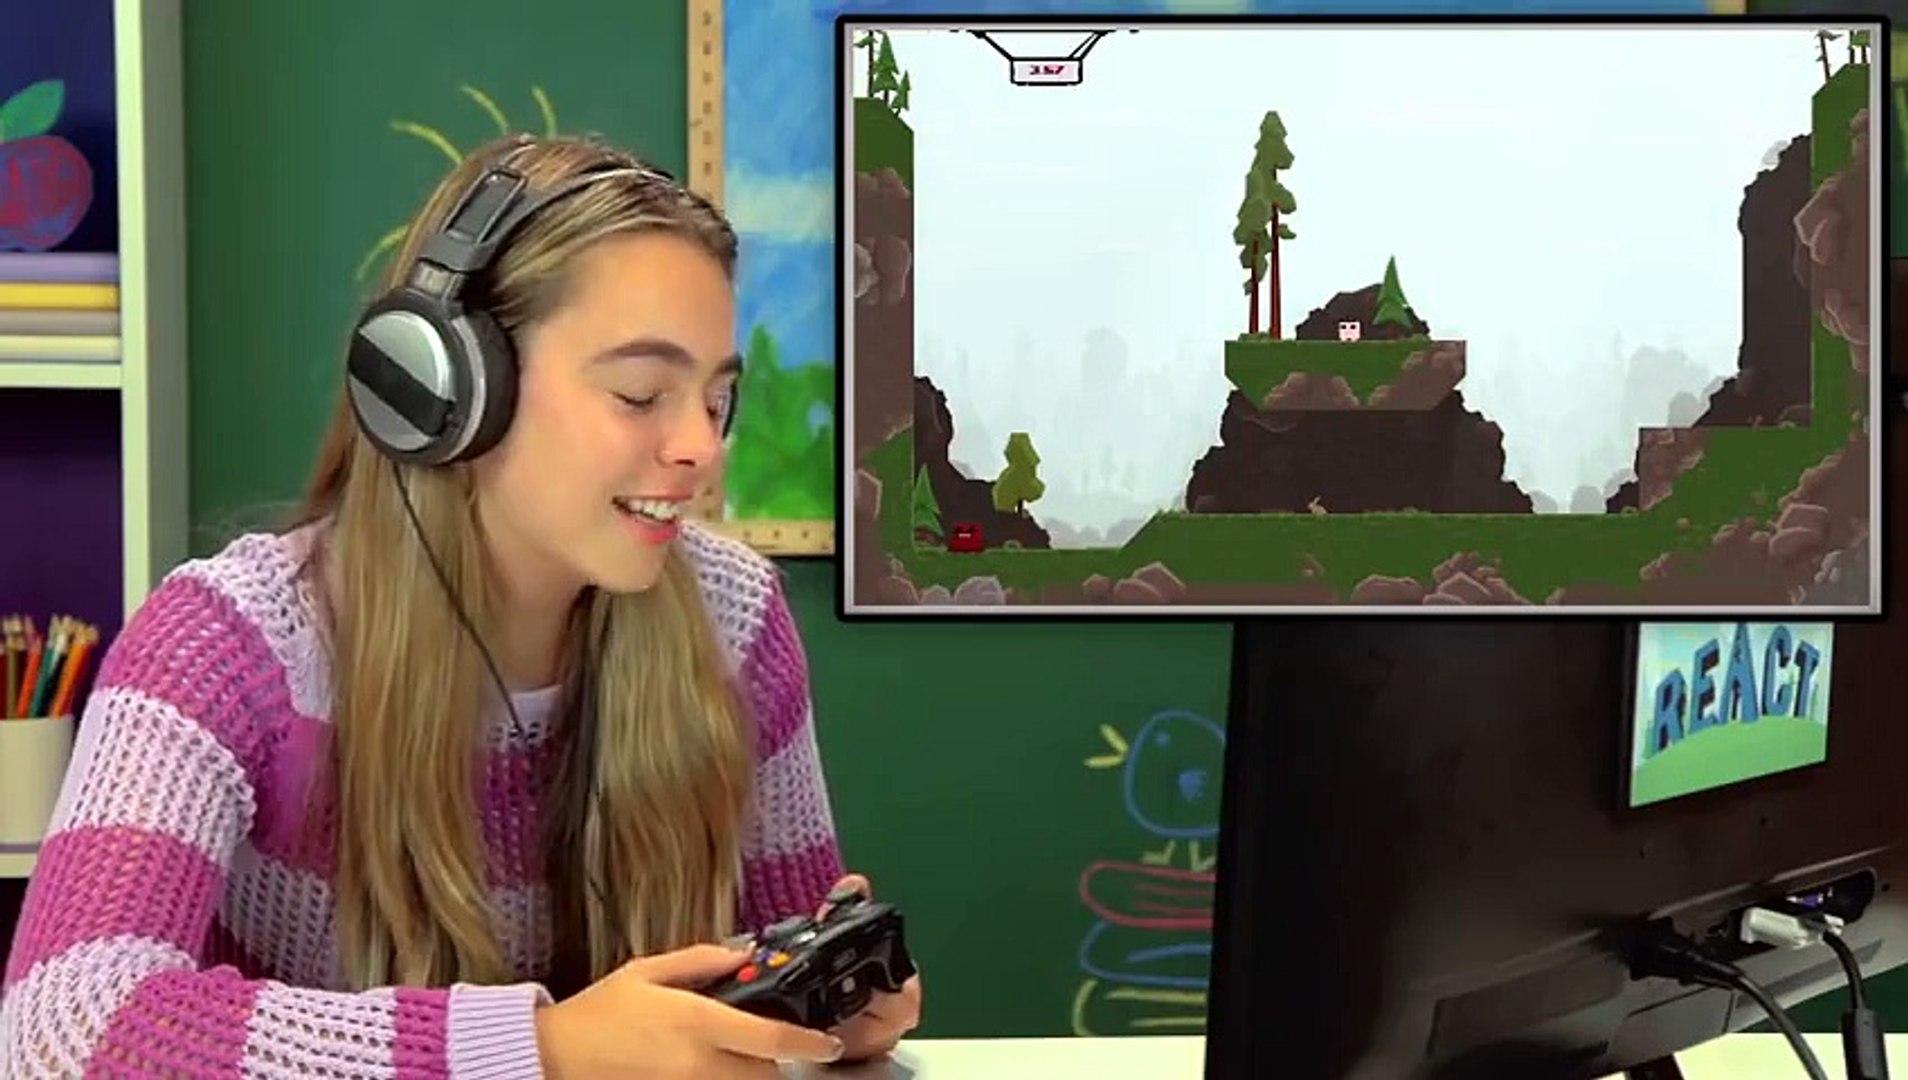 KIDS PLAY SUPER MEAT BOY (Kids React  Gaming)